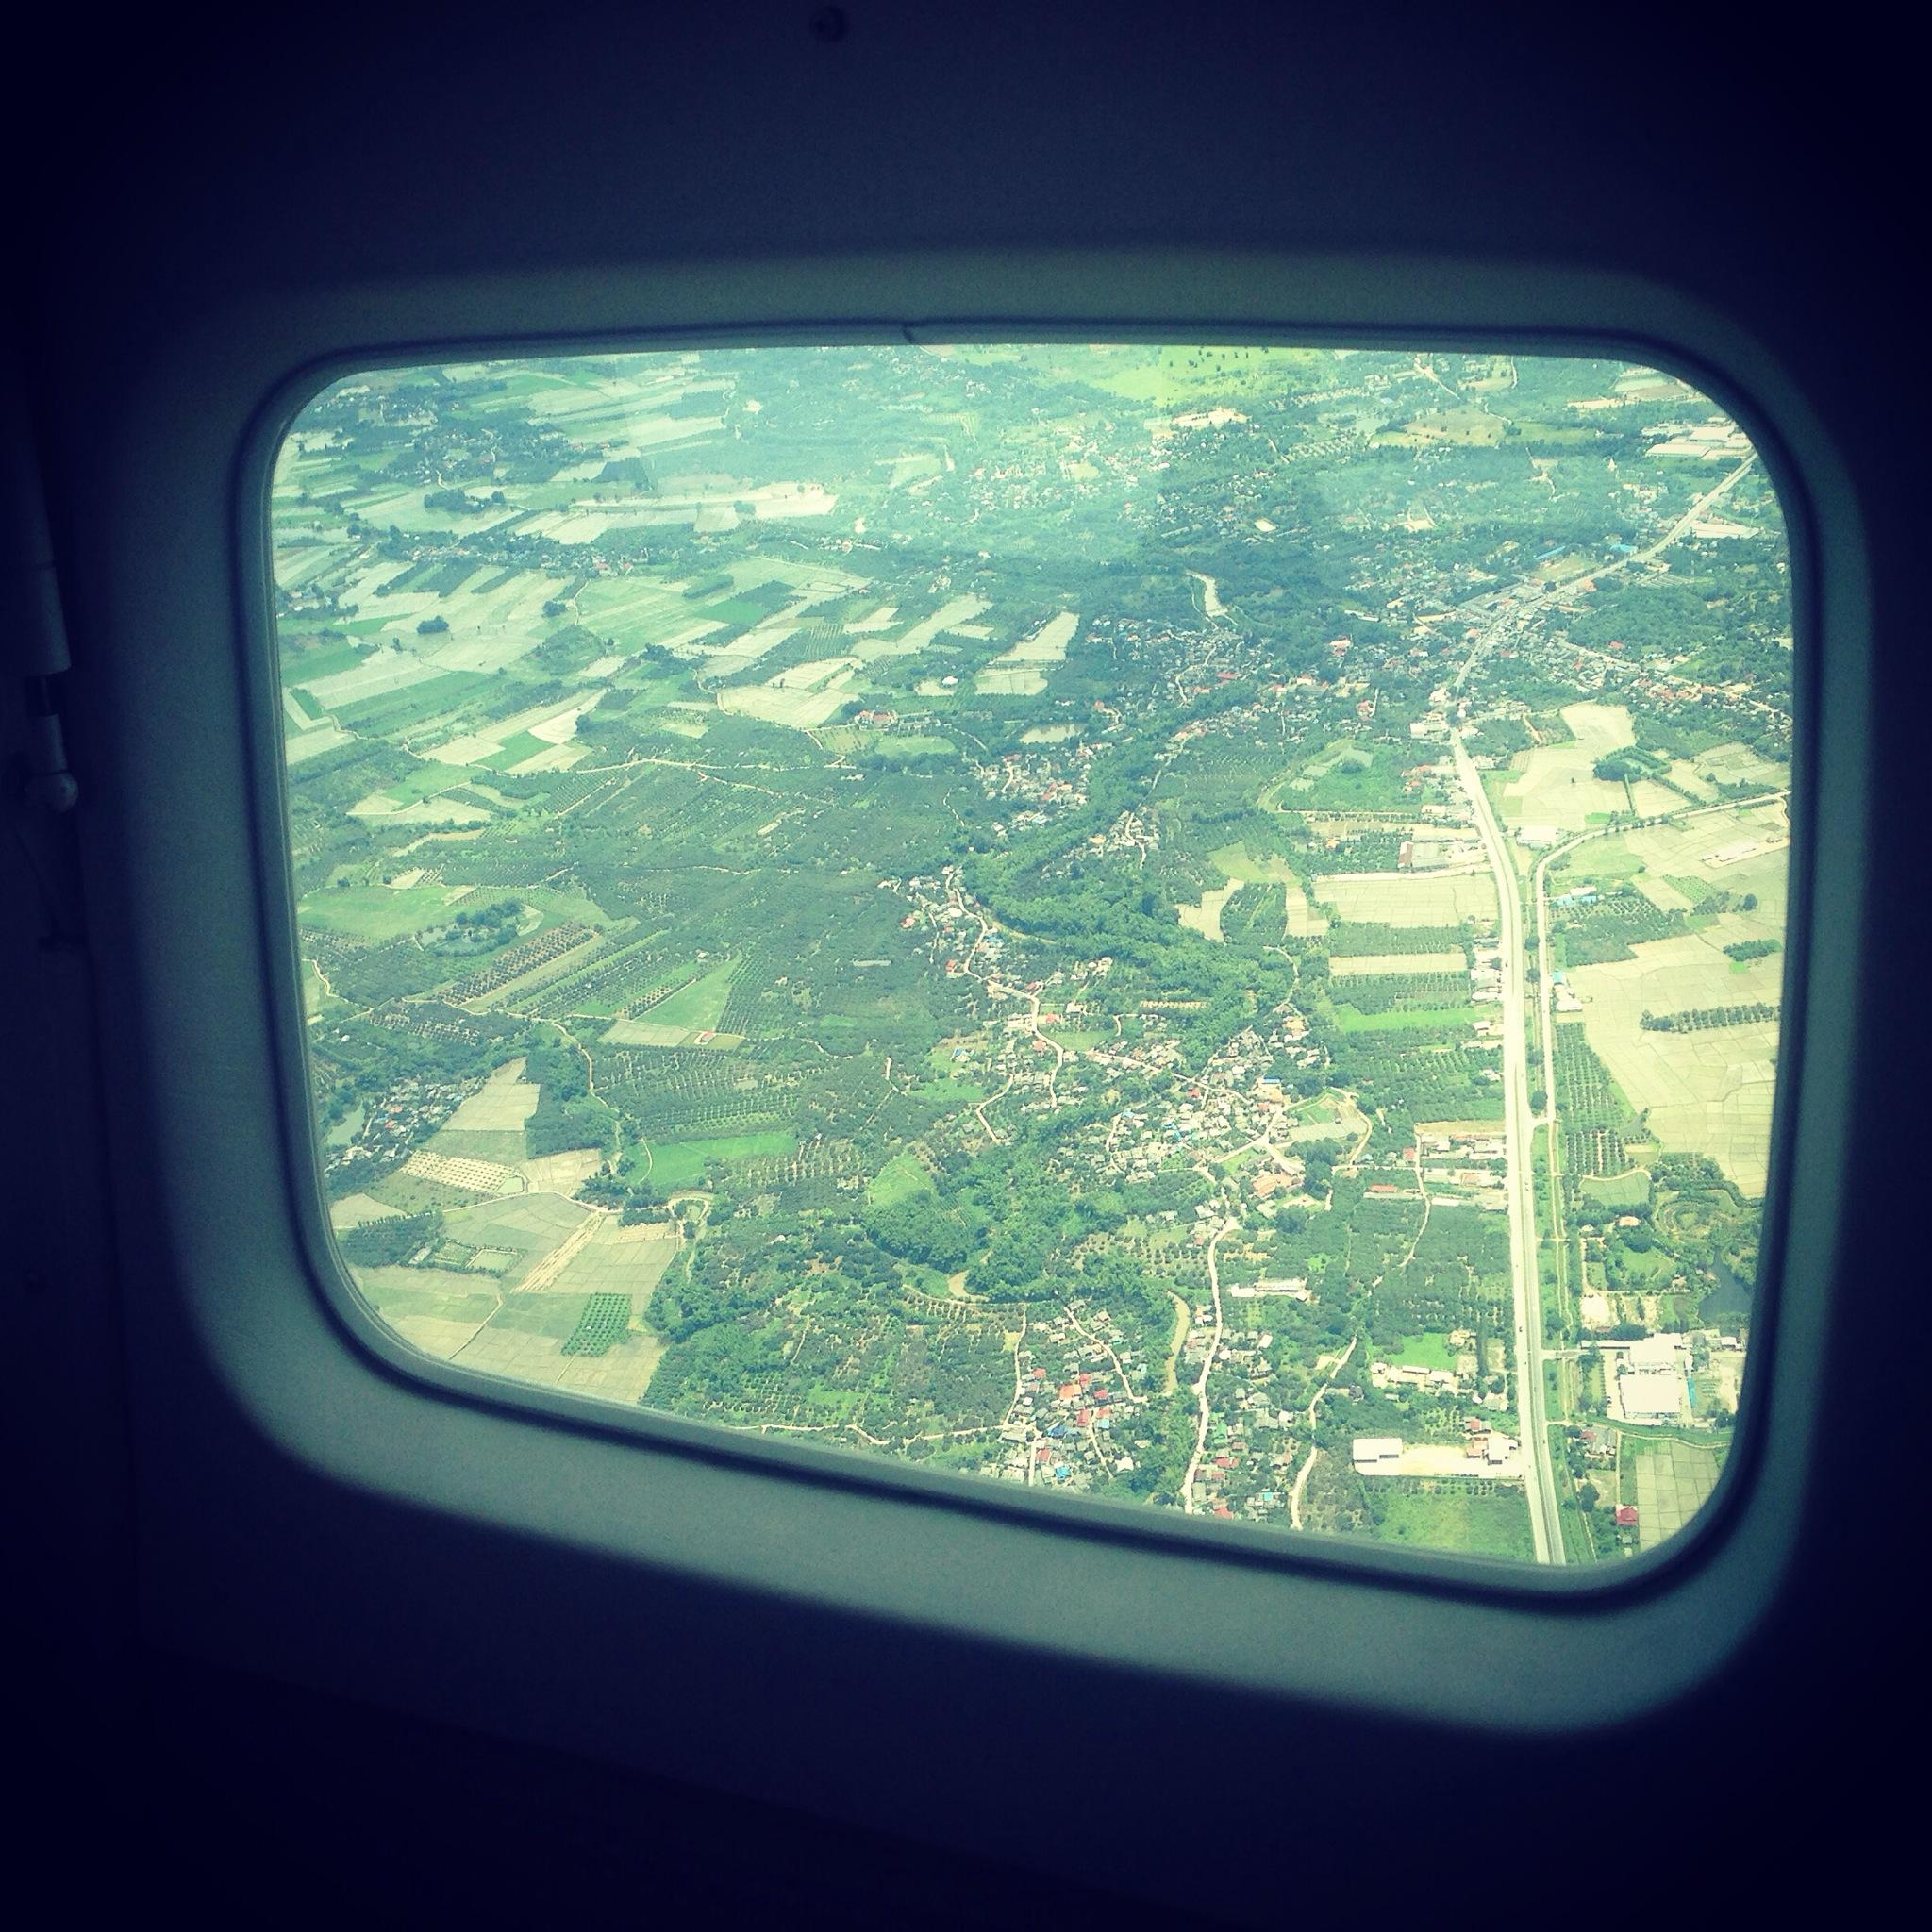 Approaching Chiang Mai